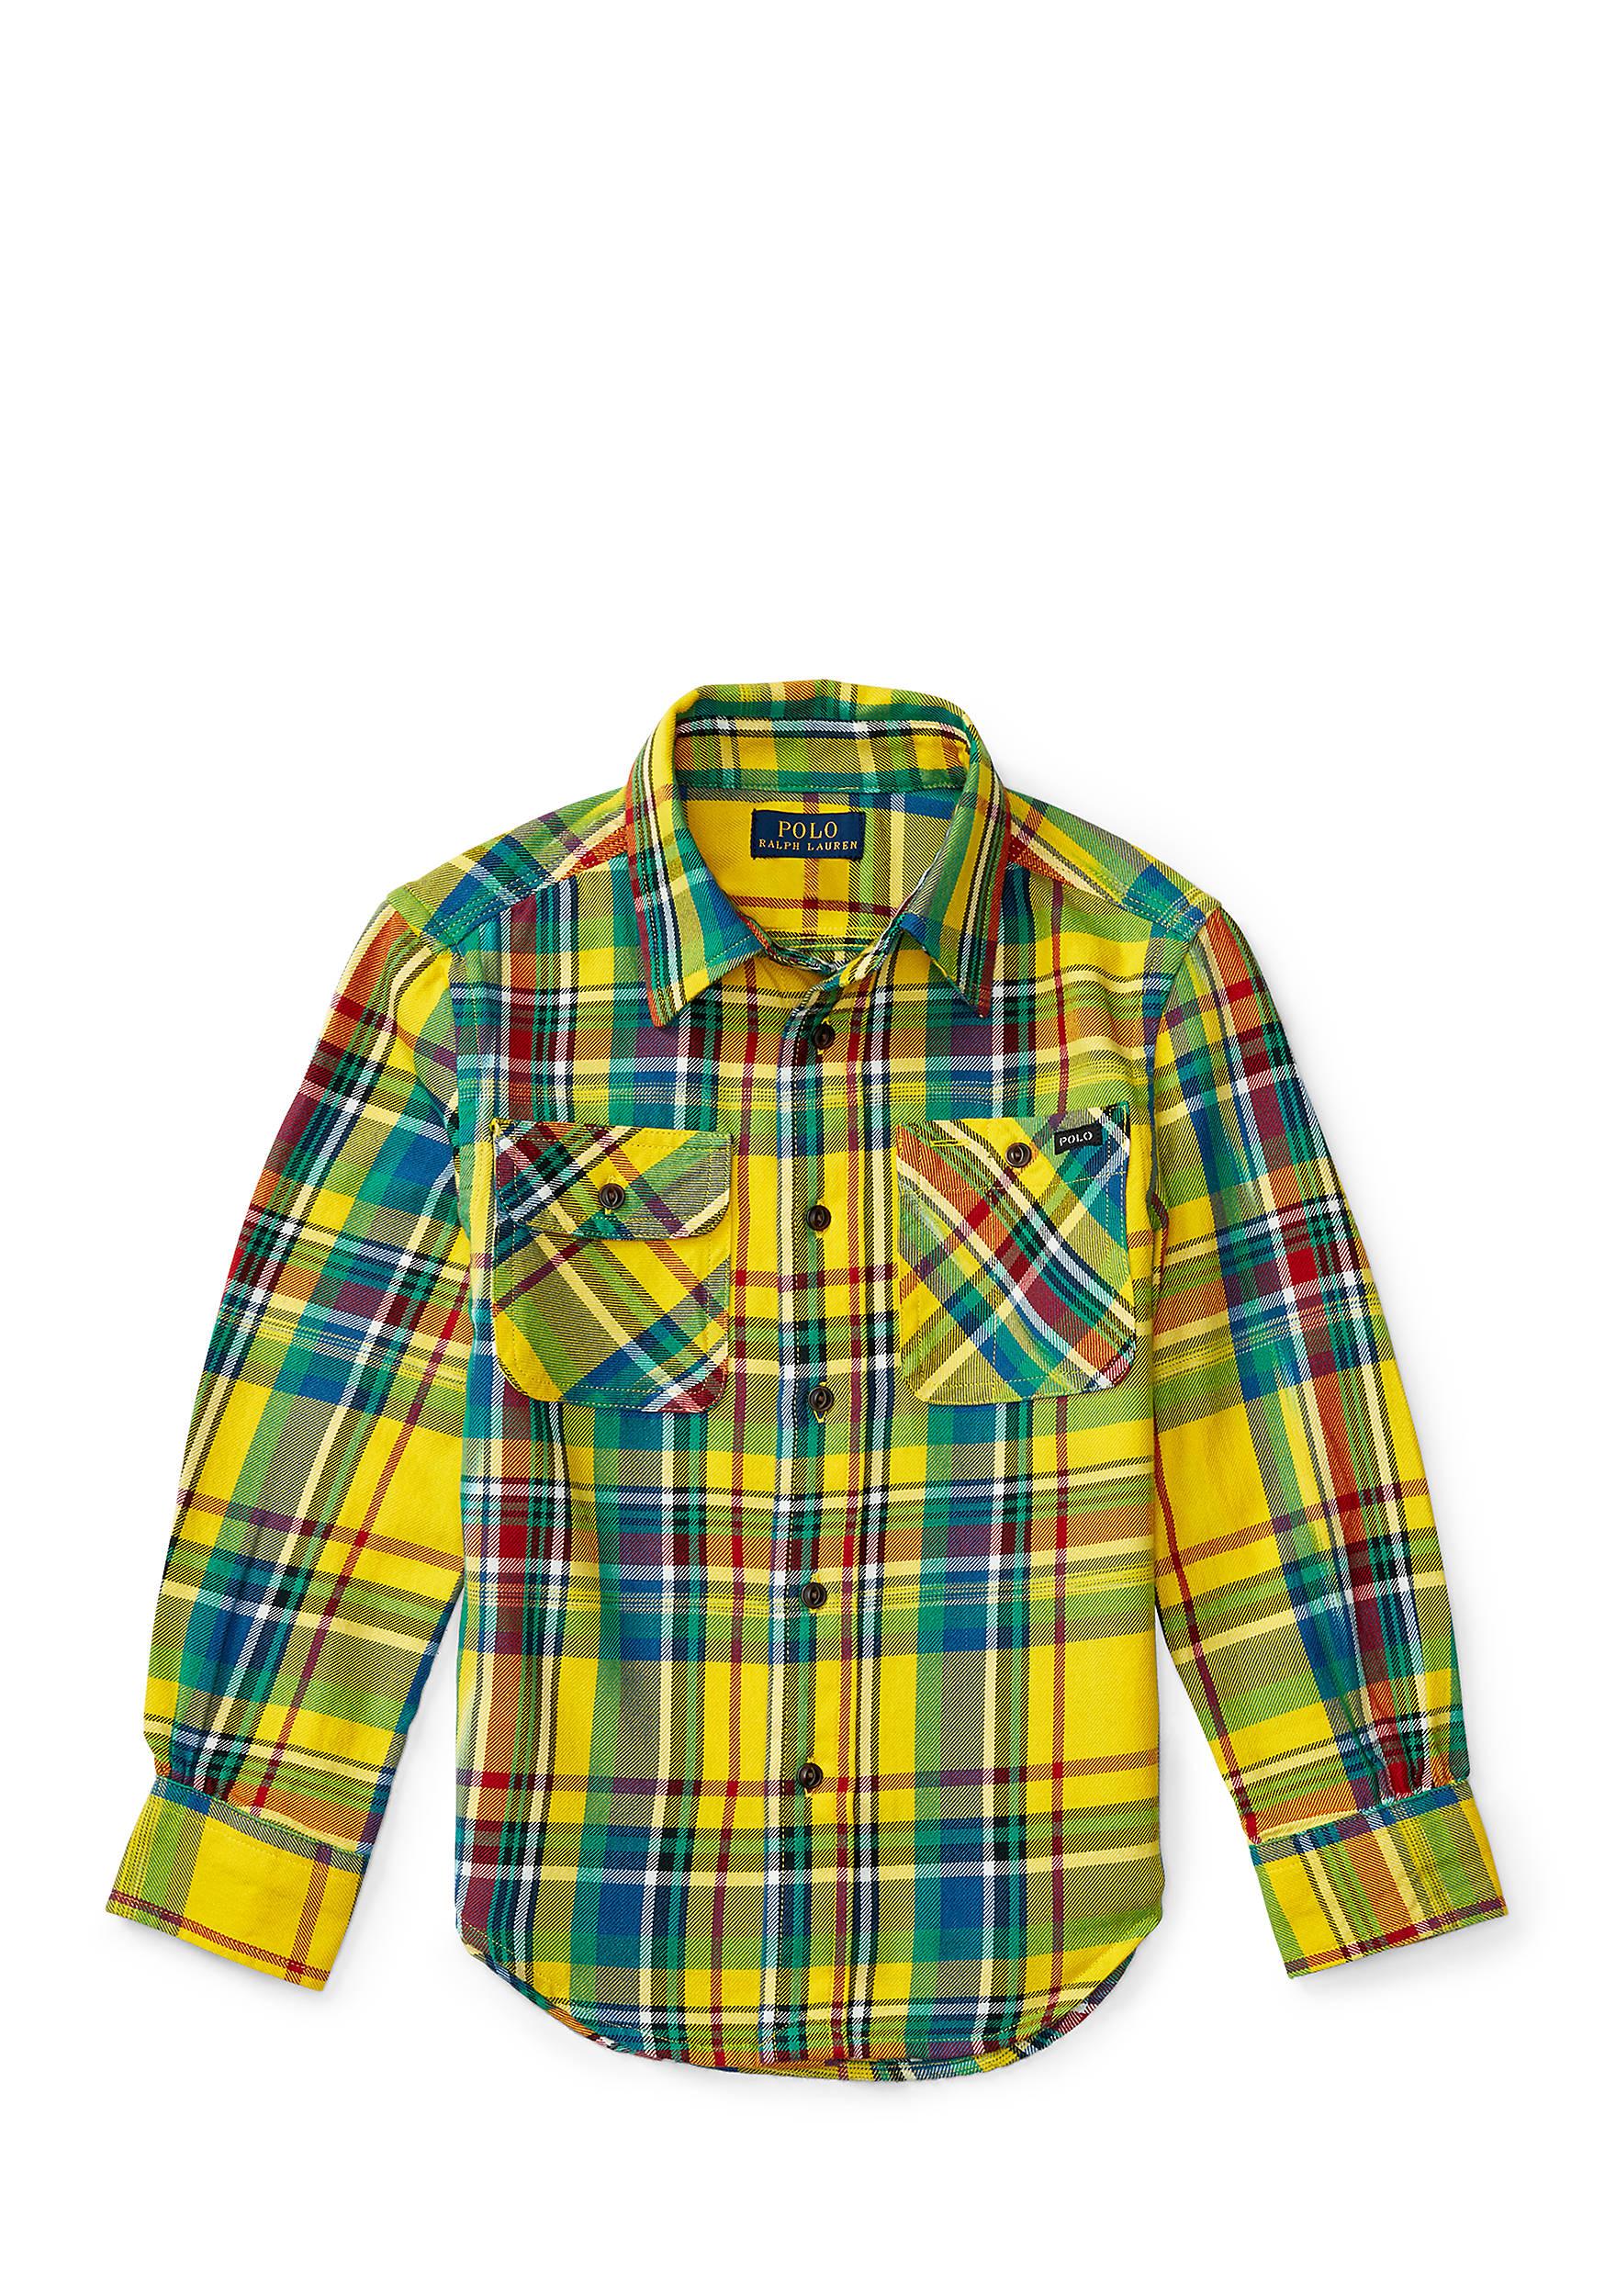 Ralph Lauren Childrenswear Madras Cotton Twill Work shirt Boys 4-7.  45007611054800. Images